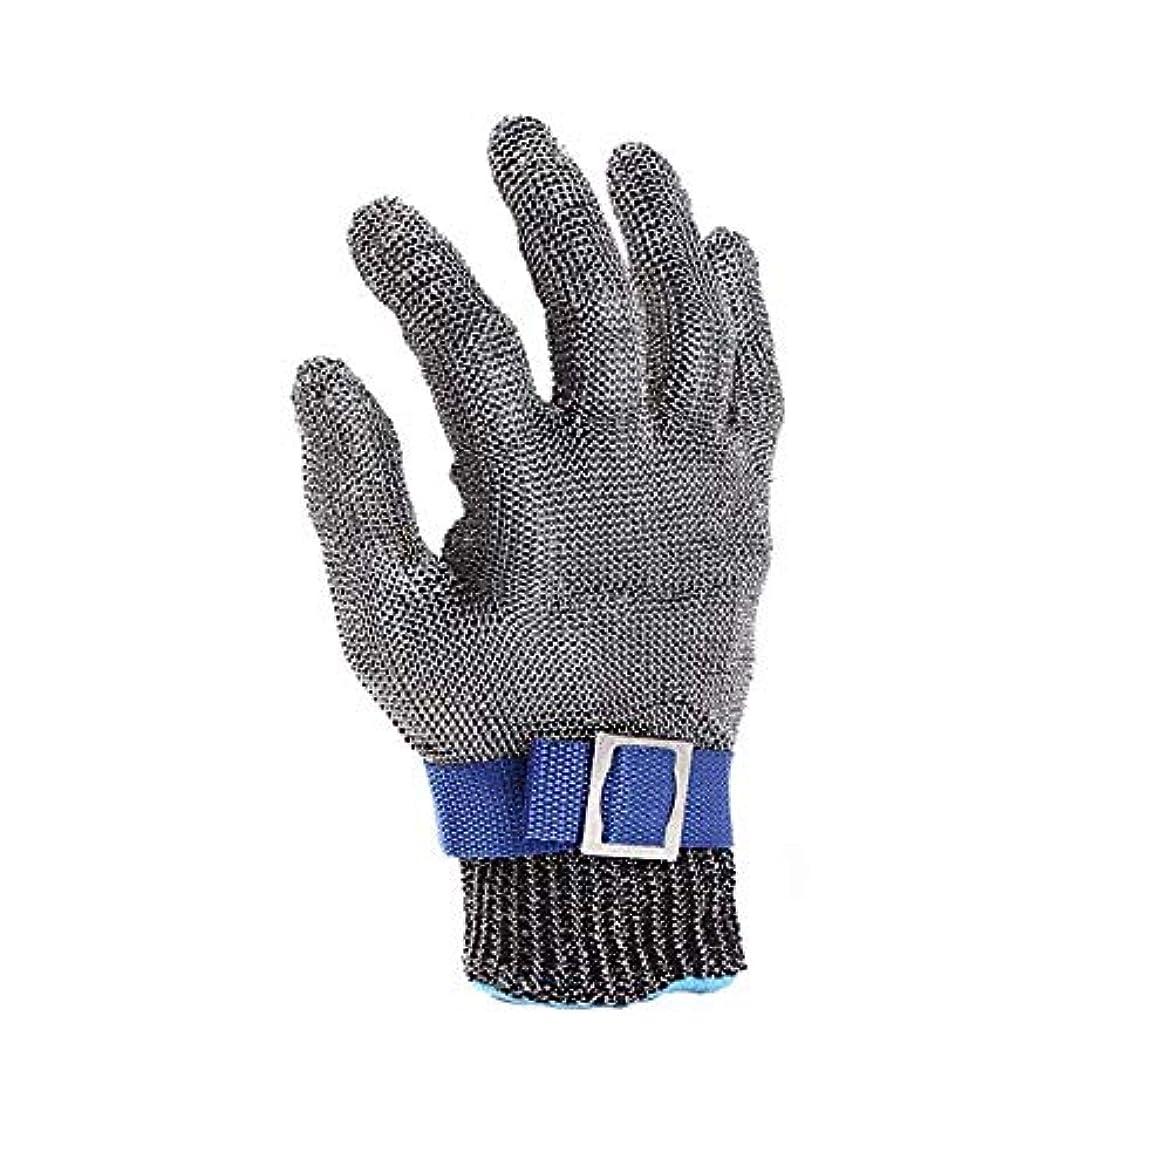 限られた調整可能急速な食肉加工、釣り用のカット耐性の手袋、ステンレス鋼線メタルメッシュブッチャー安全作業手袋,XL